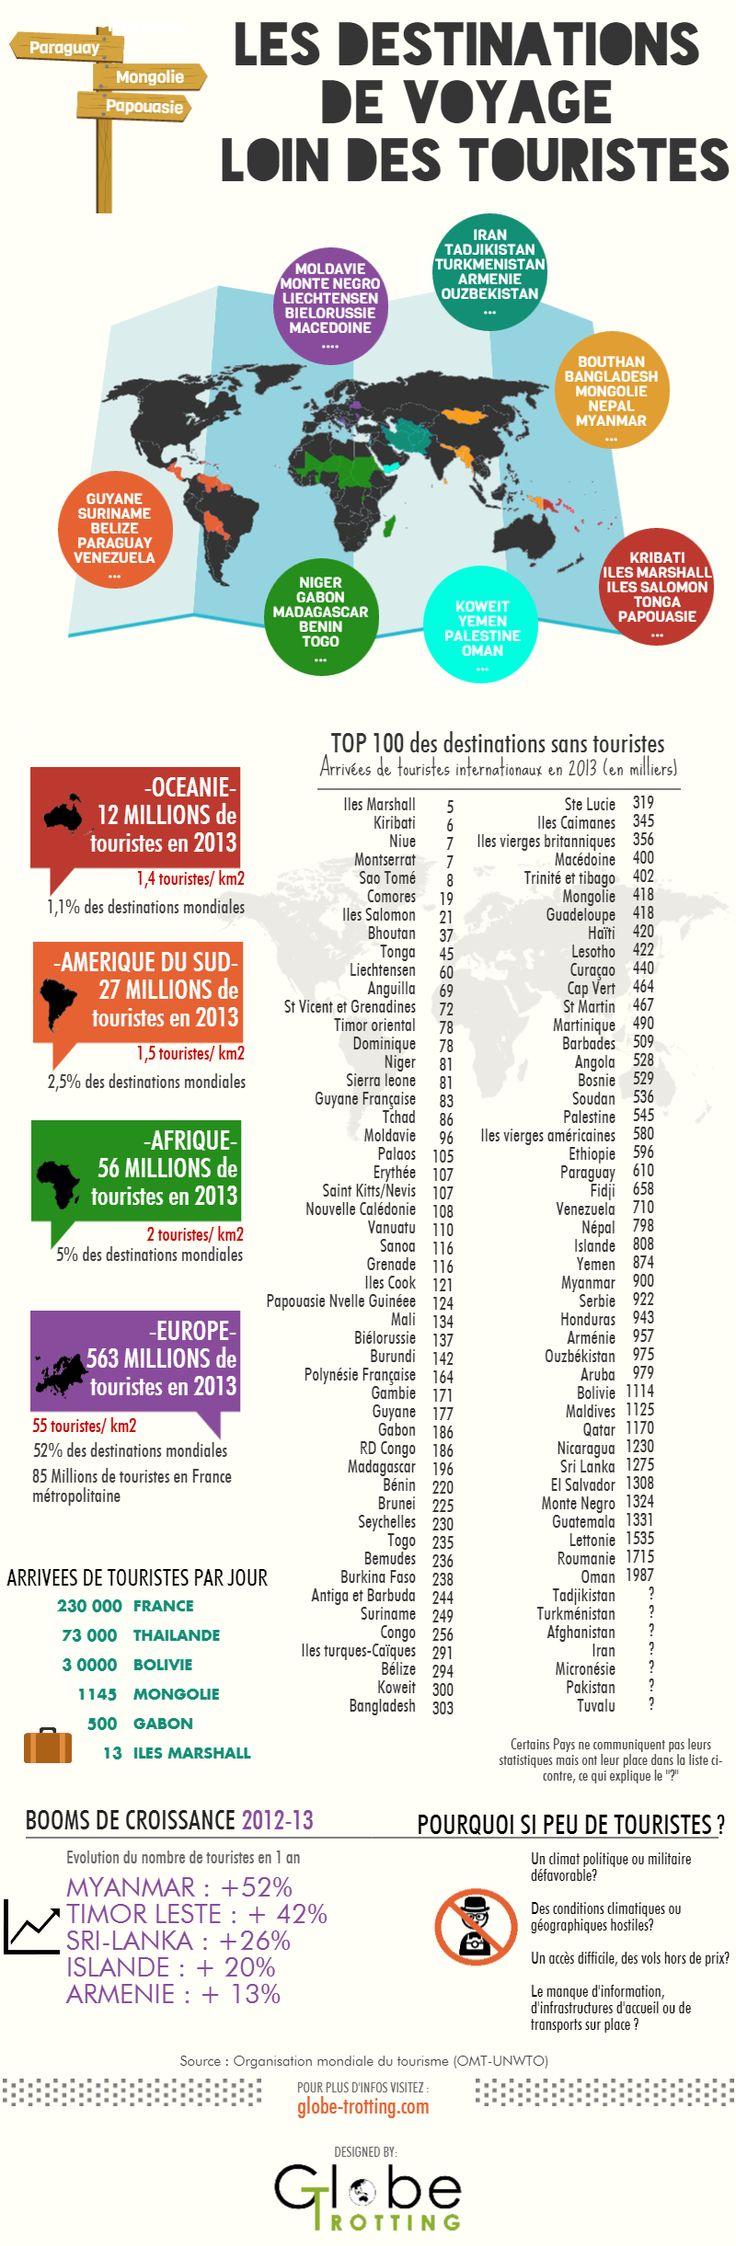 Les destinations de voyages sans touristes ! #tourisme #infographie #voyage #travel #infographic